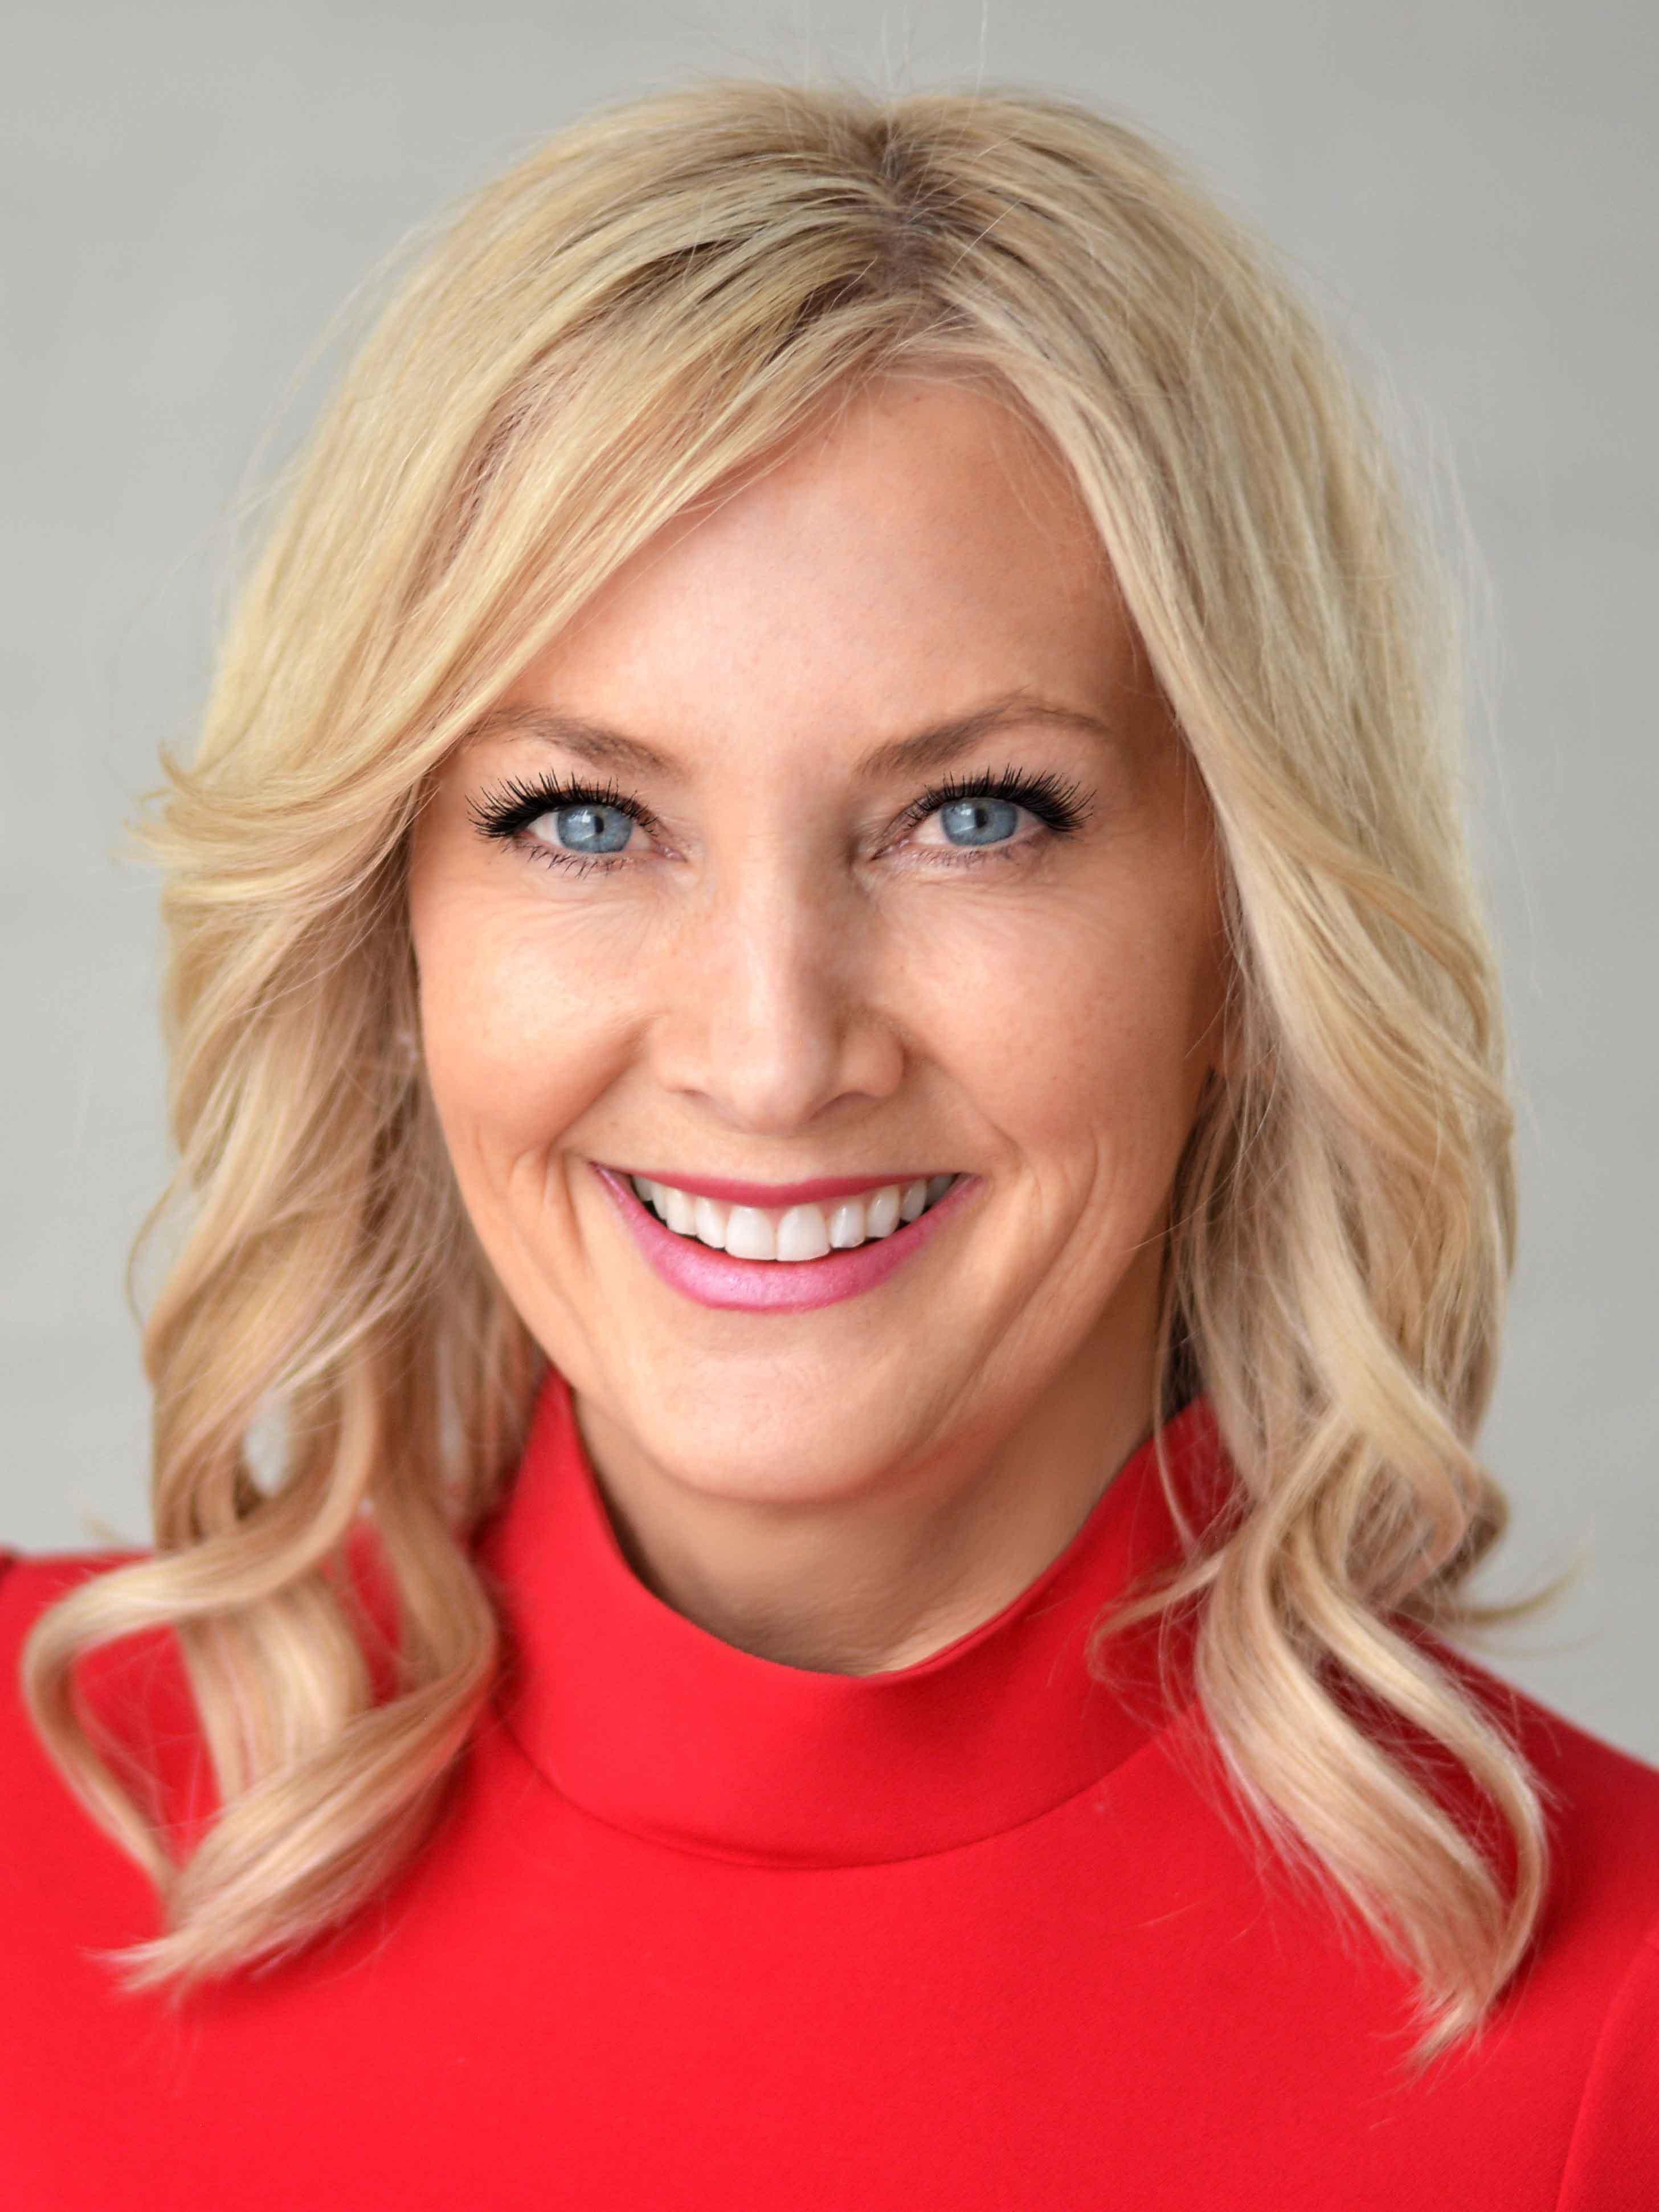 Cheri Palsson